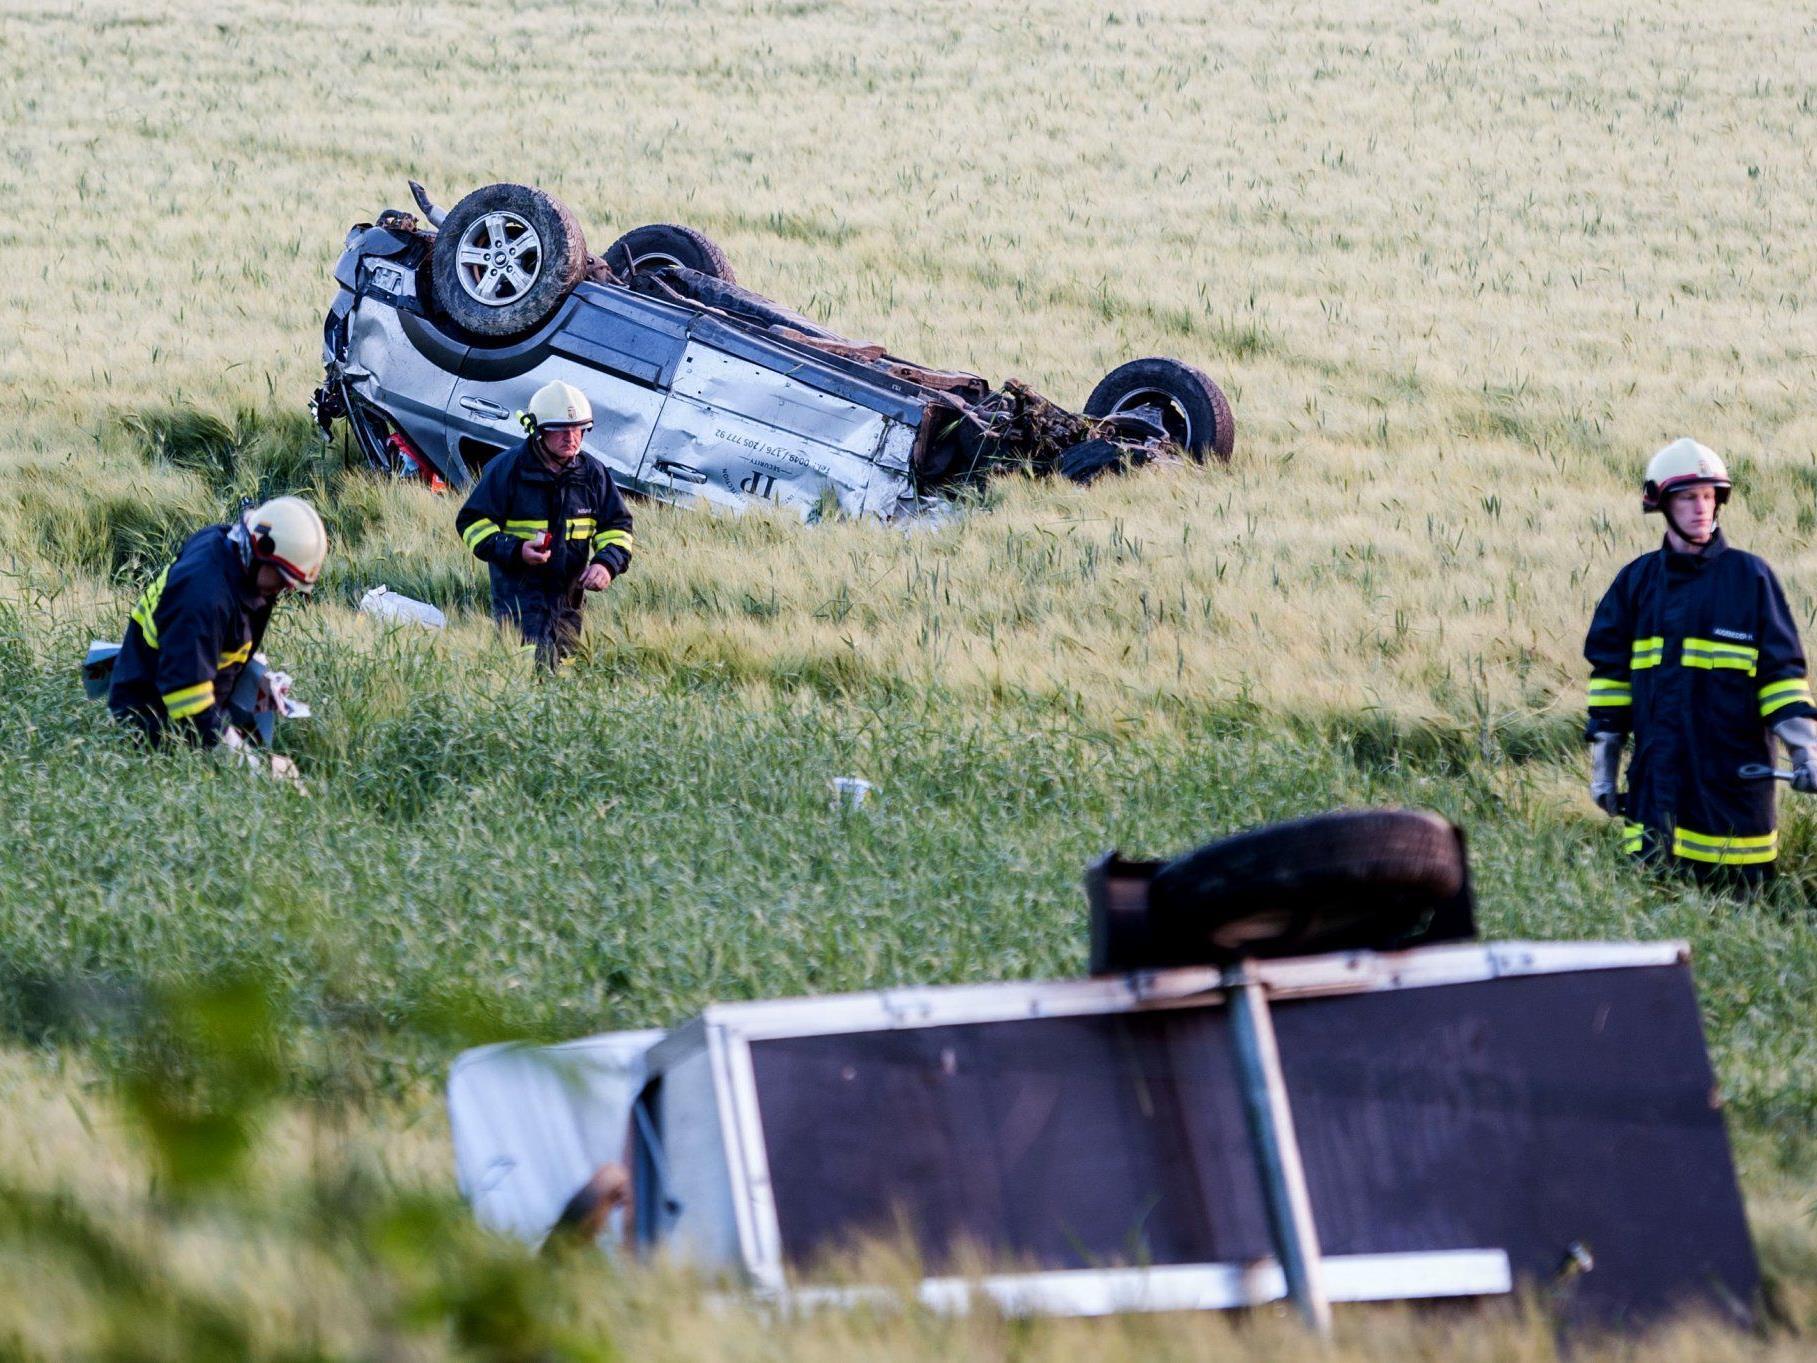 Der Geländewagen überschlug sich mehrmals und blieb nach etwa 60 Metern auf dem Dach liegen.